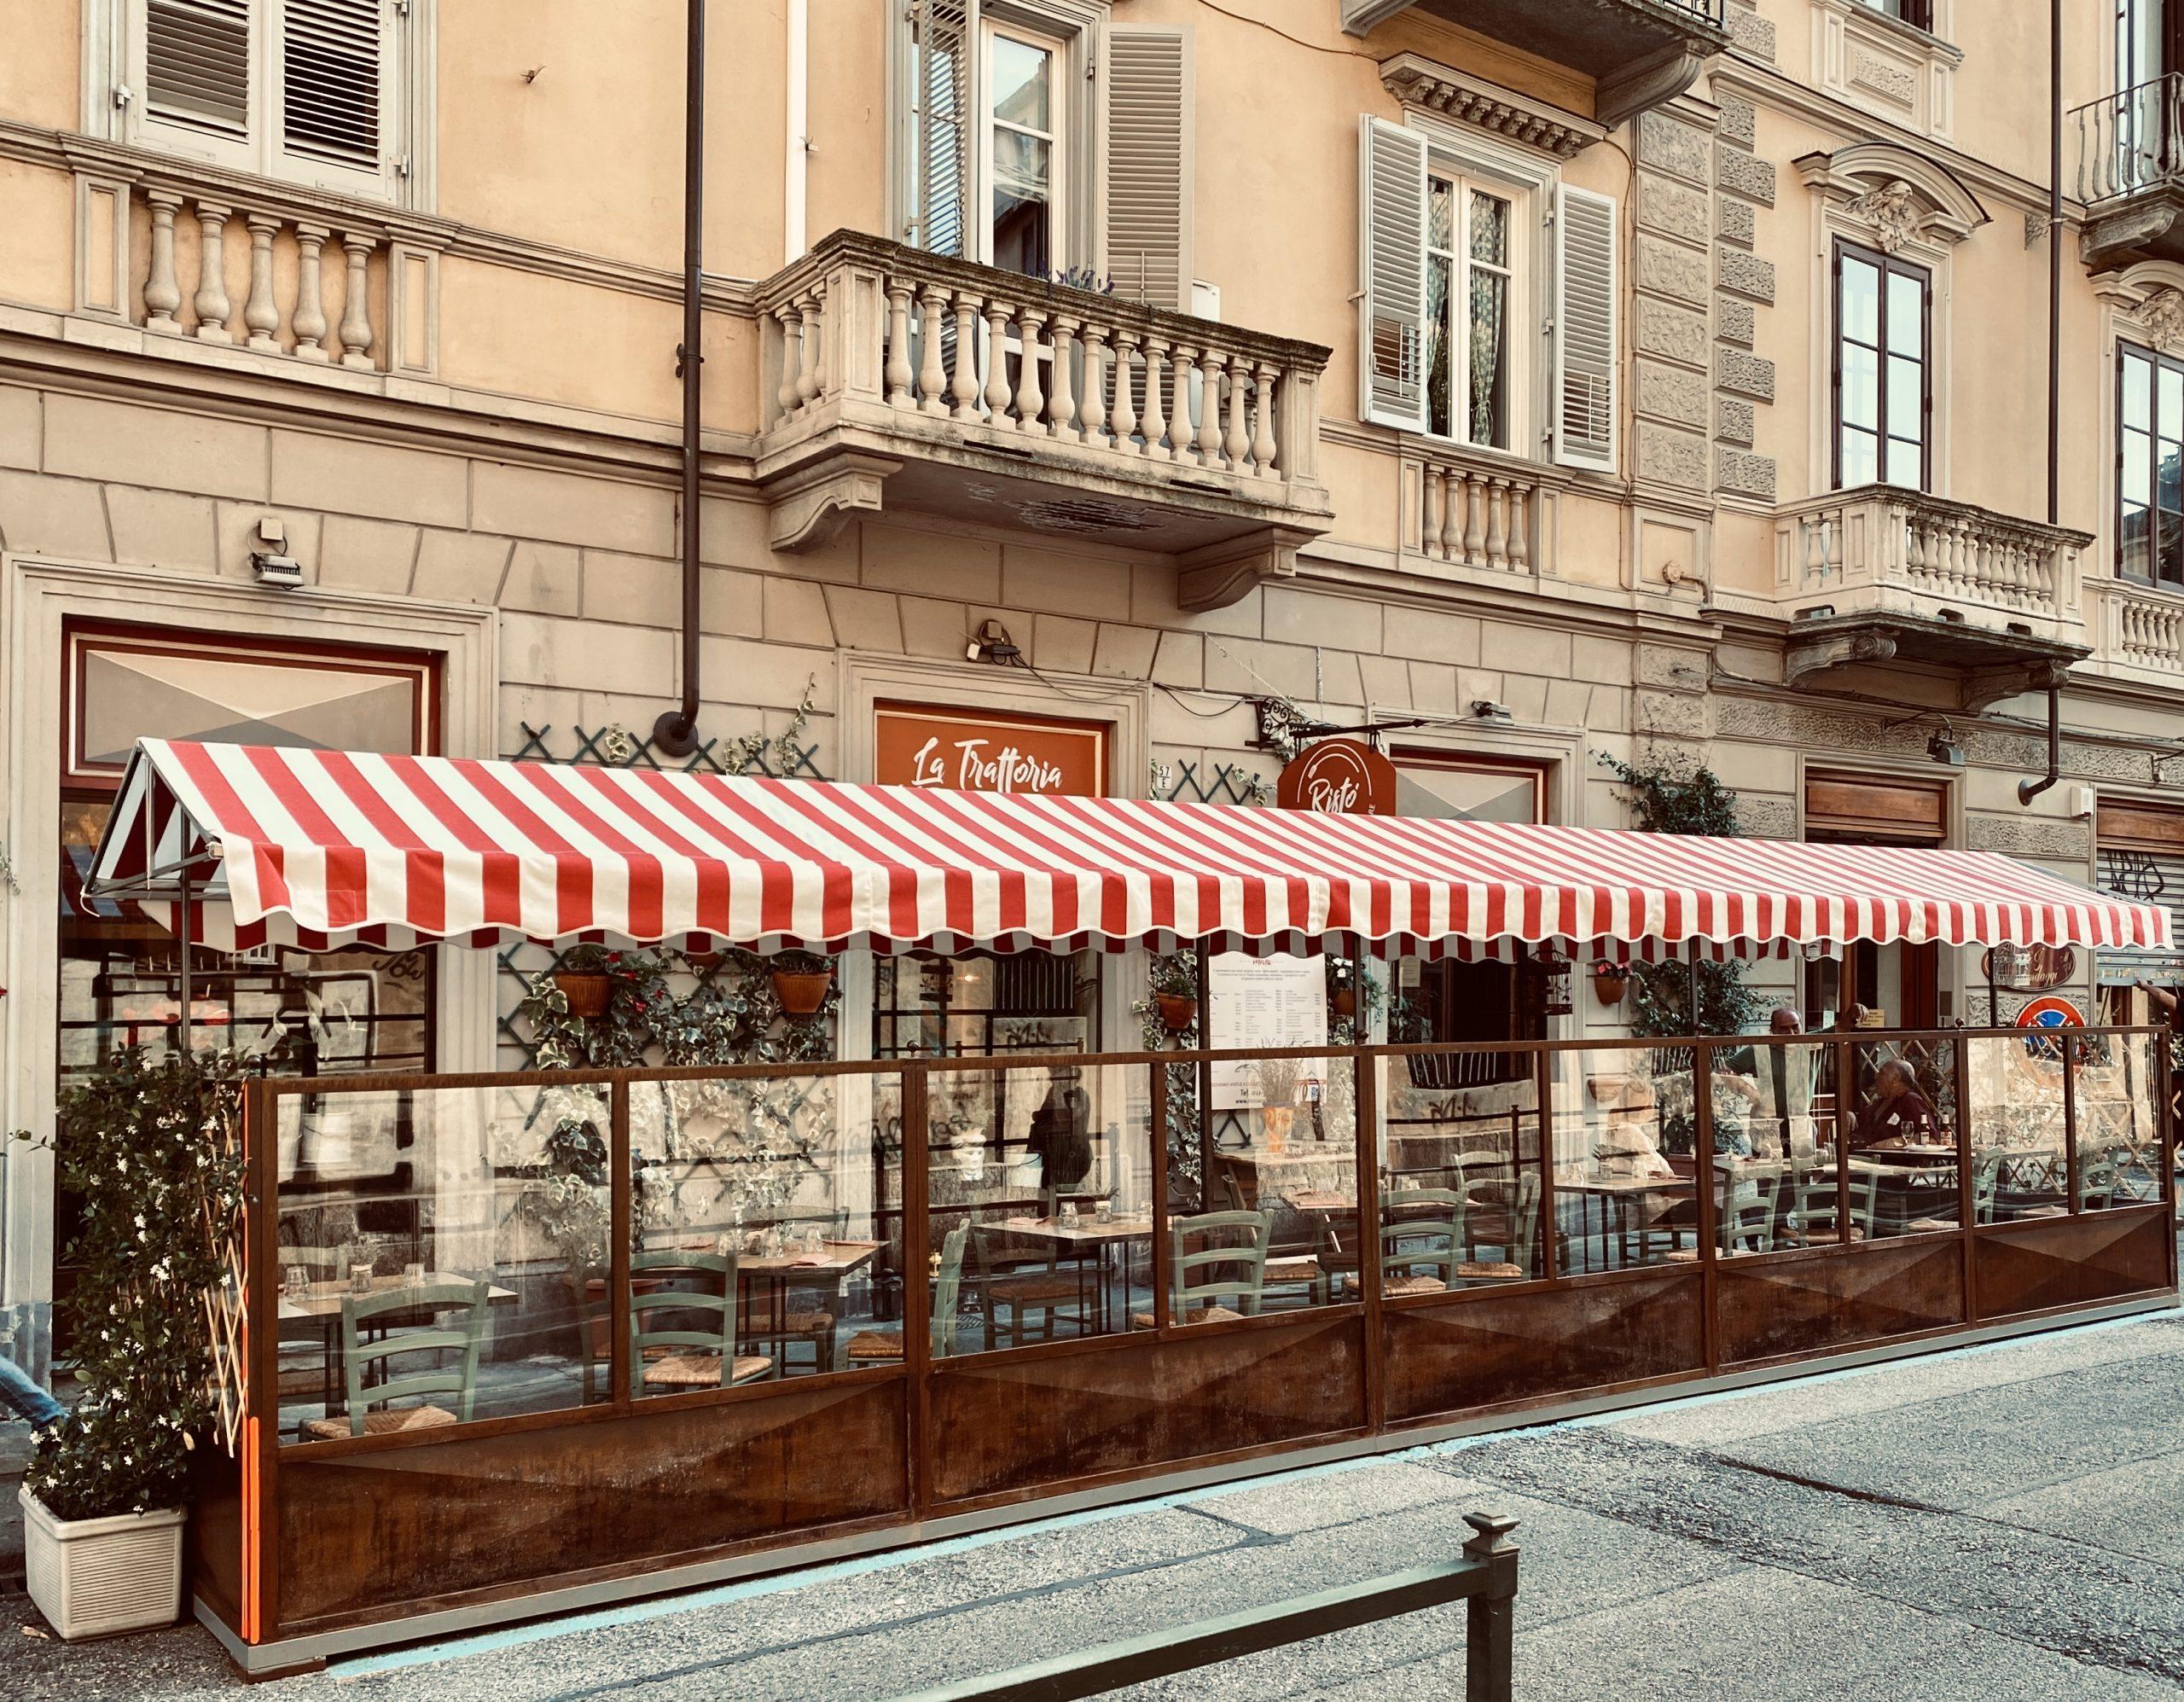 Risto' Trattoria - Torino